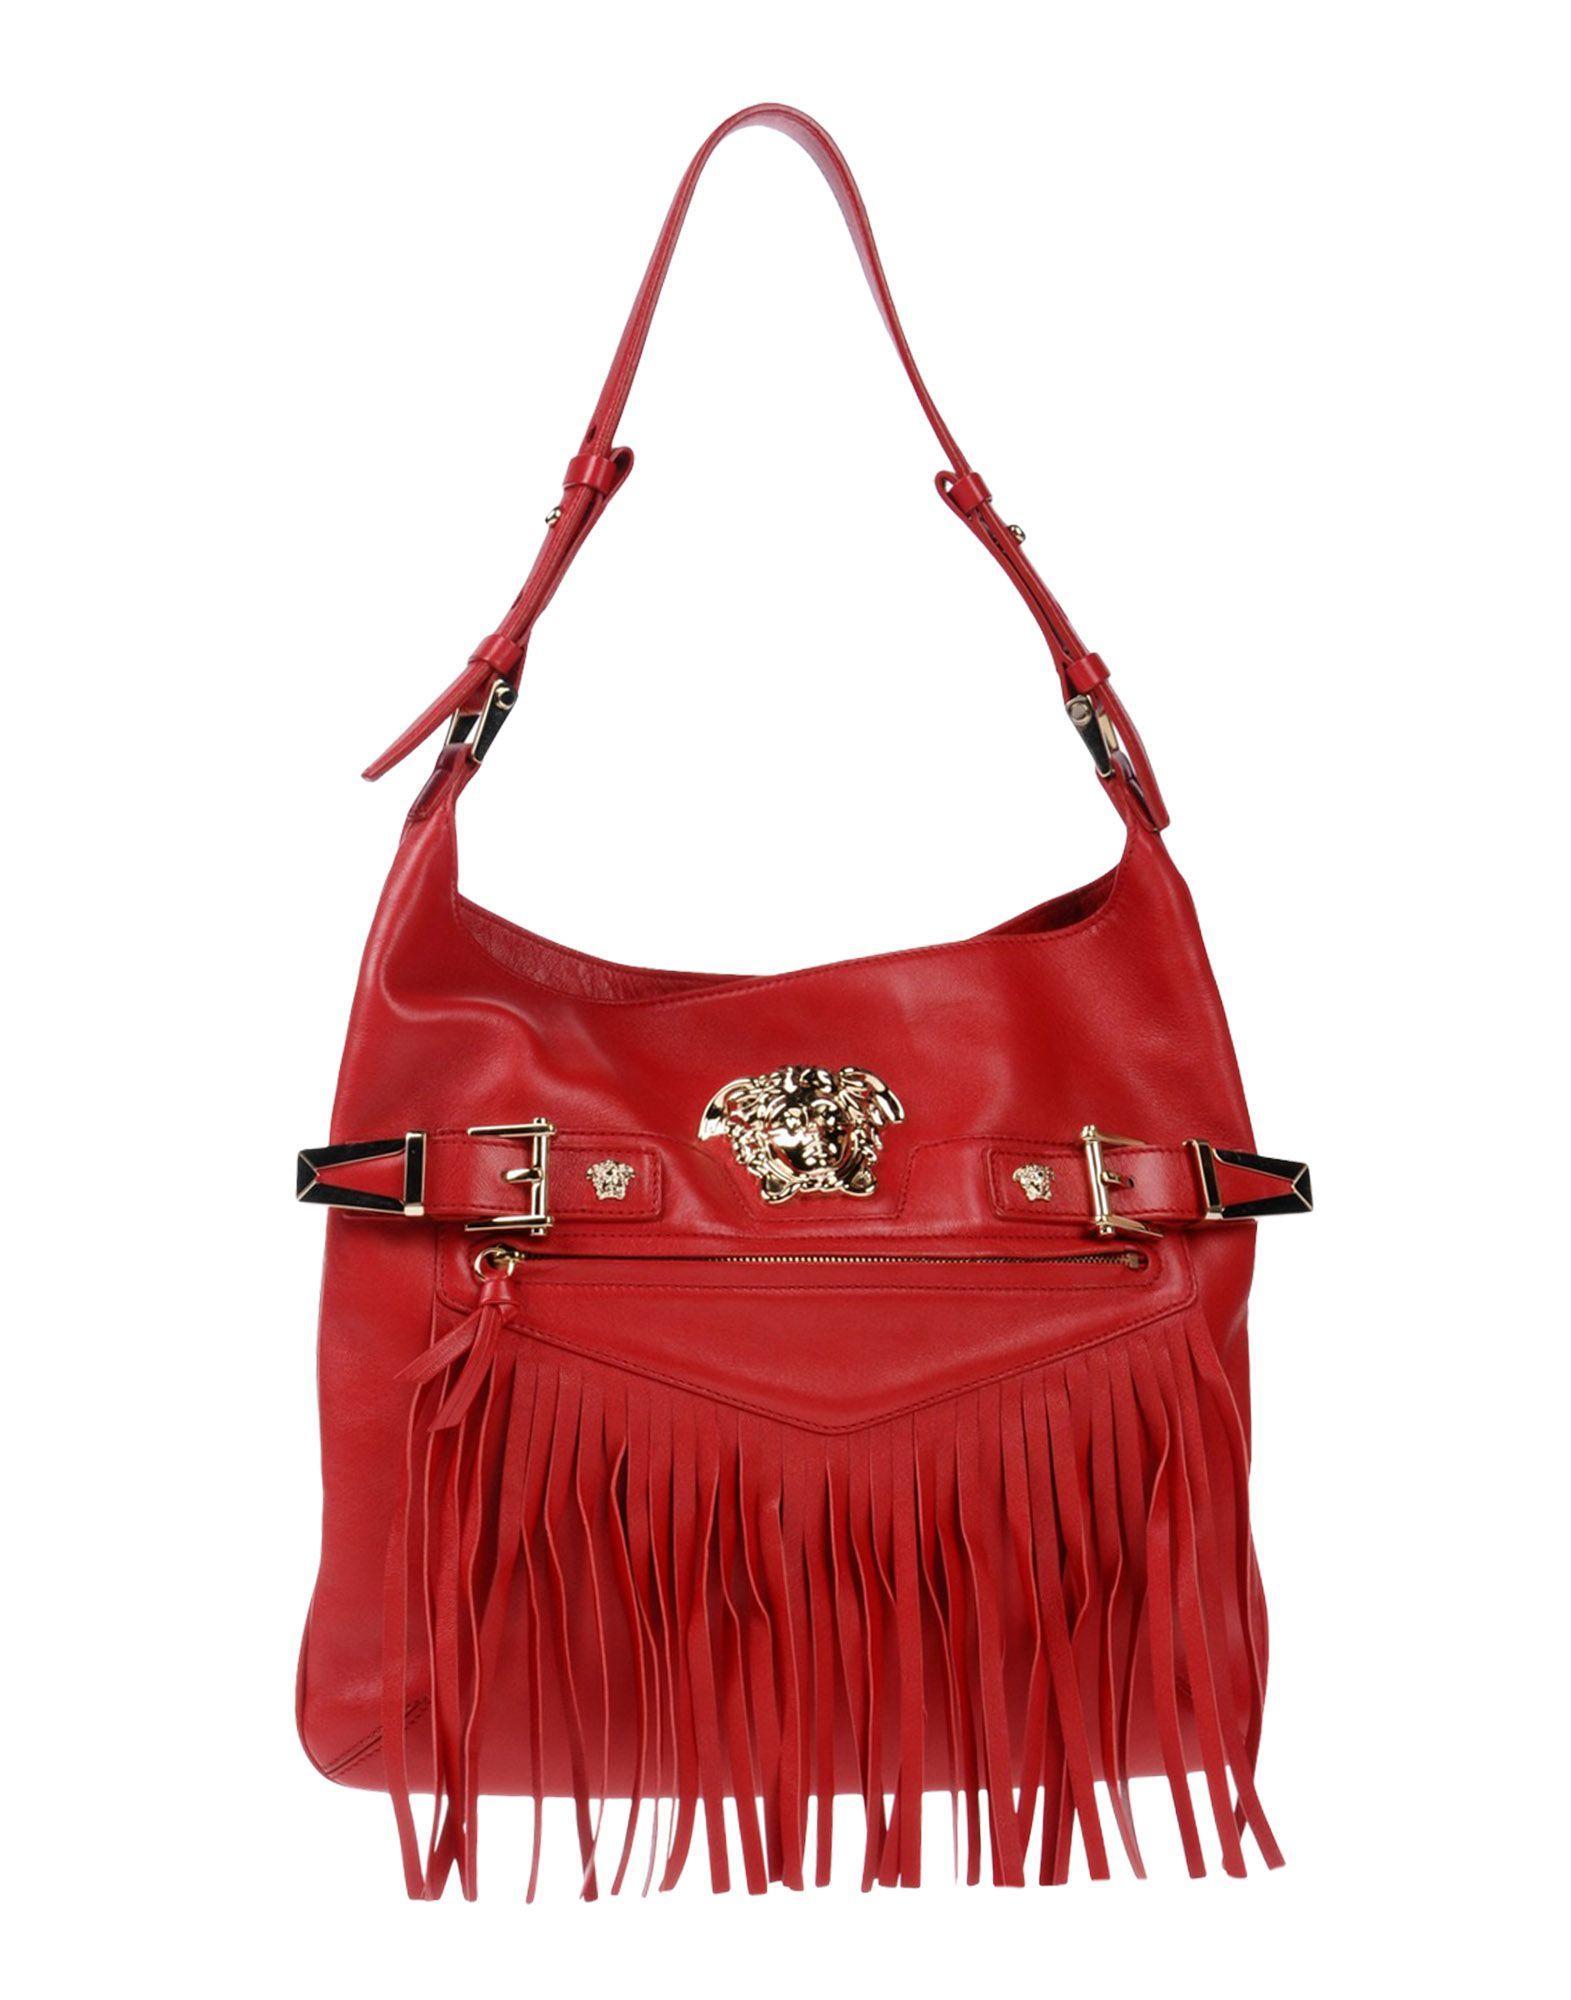 81a181acae Versace Handbag In Red